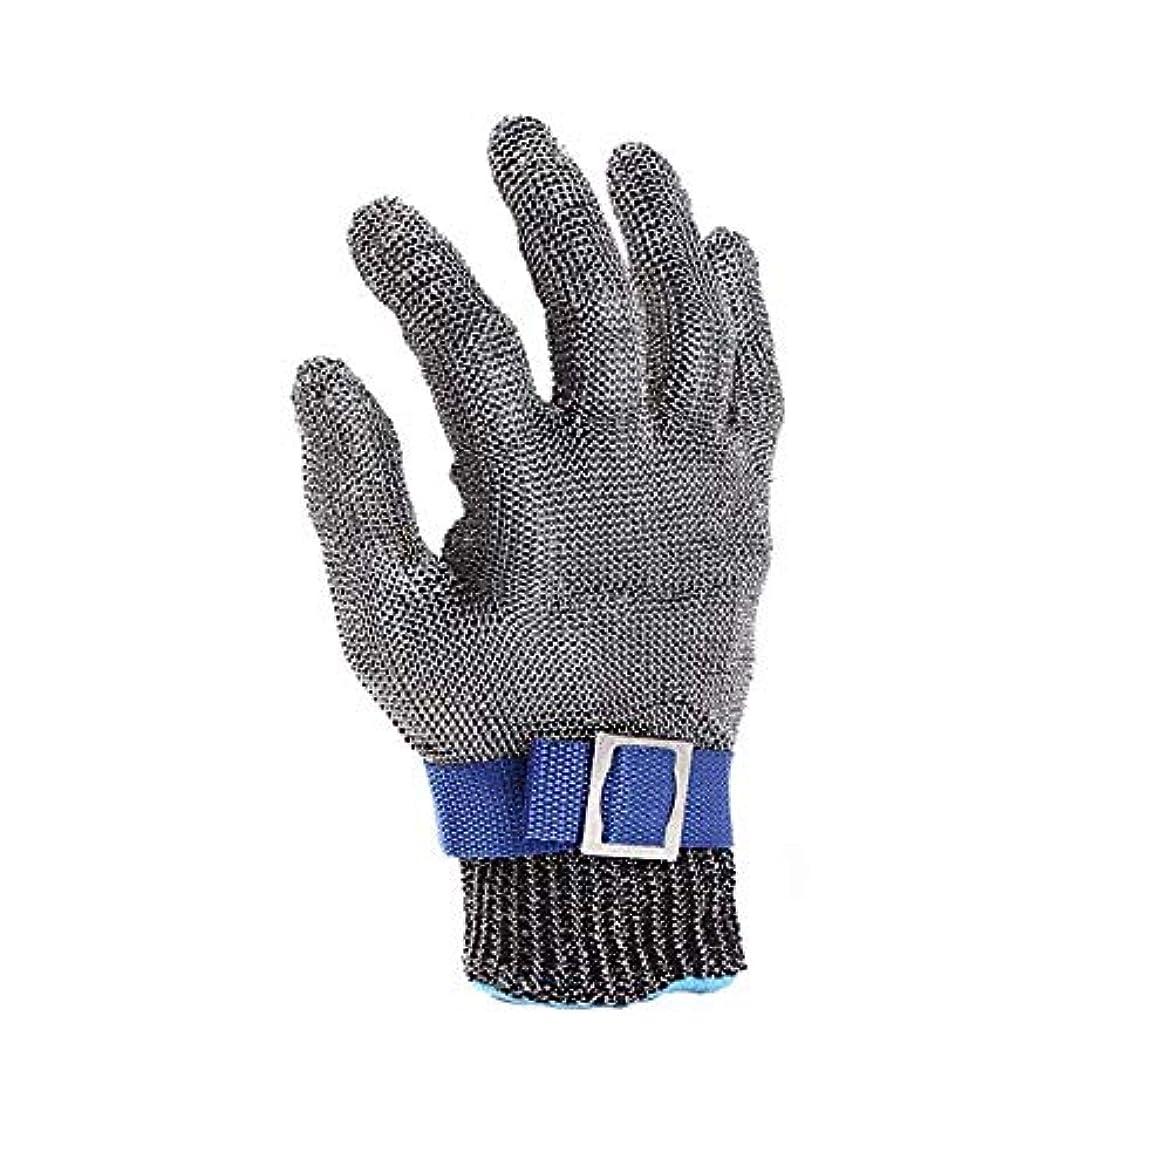 車スポンジボス食肉加工、釣り用のカット耐性の手袋、ステンレス鋼線メタルメッシュブッチャー安全作業手袋,XL